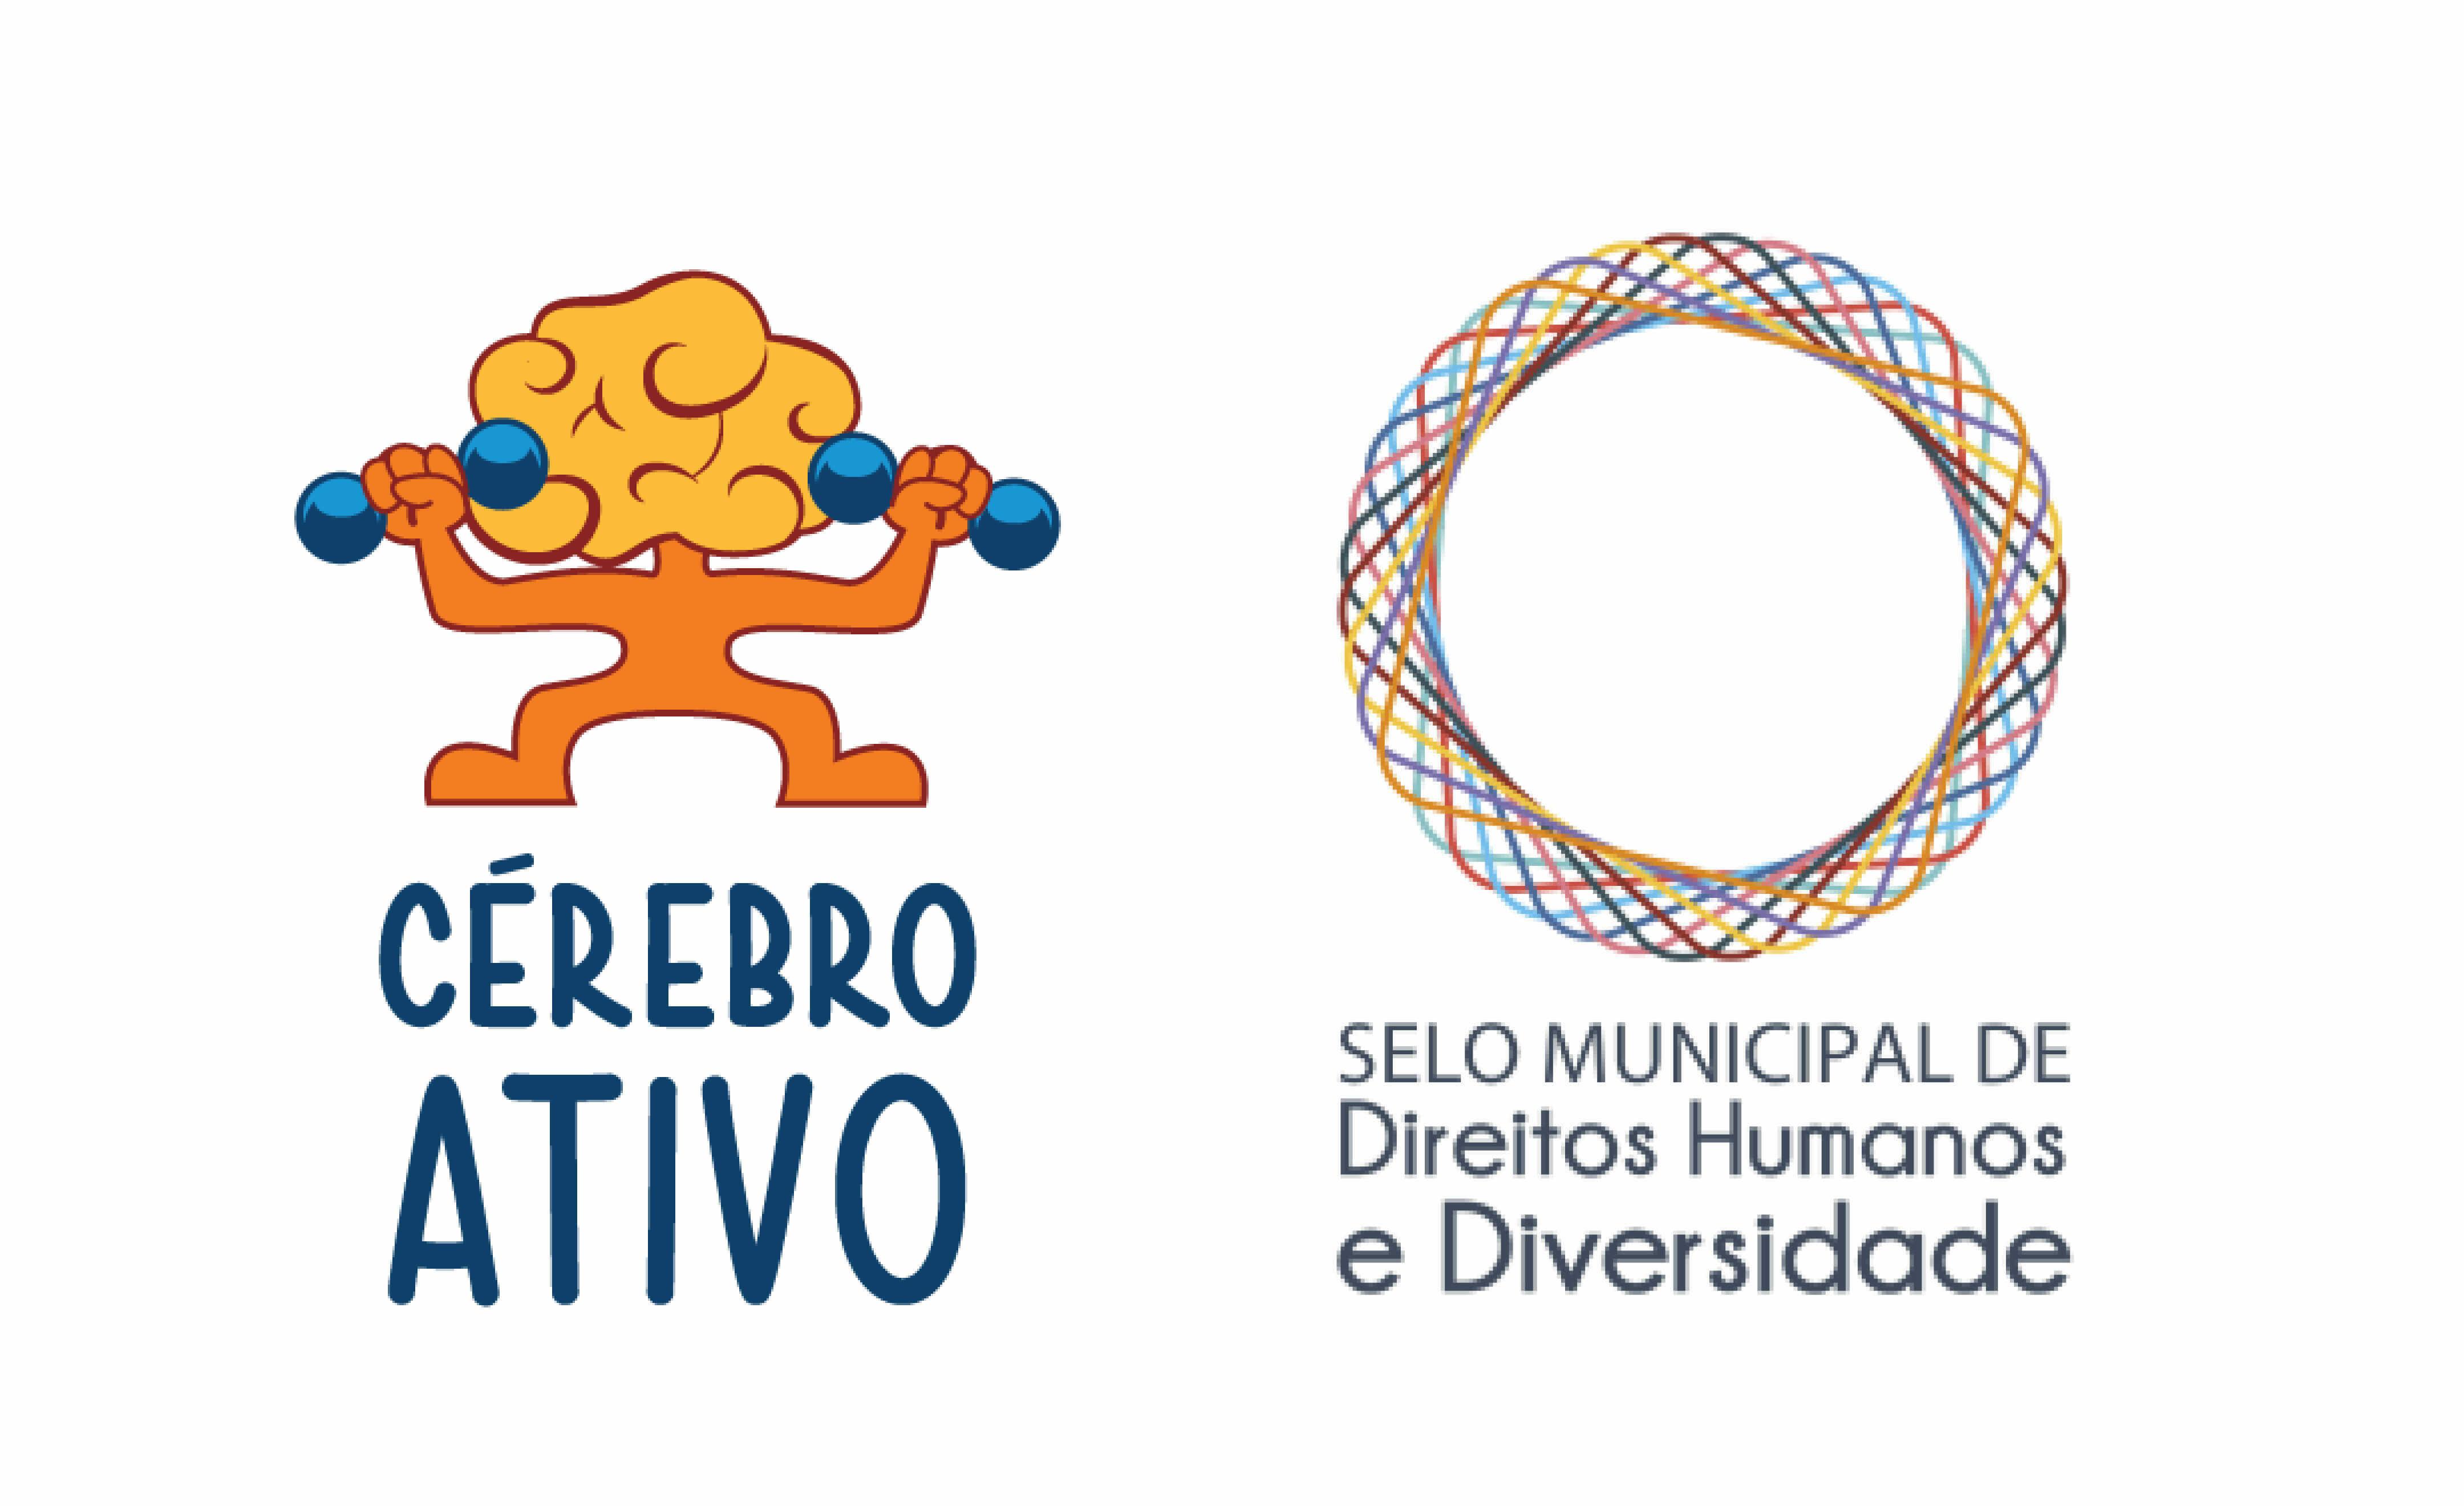 O logo do Cérebro Ativo do lado do Selo Municipal de Direitos Humanos e Diversidade.